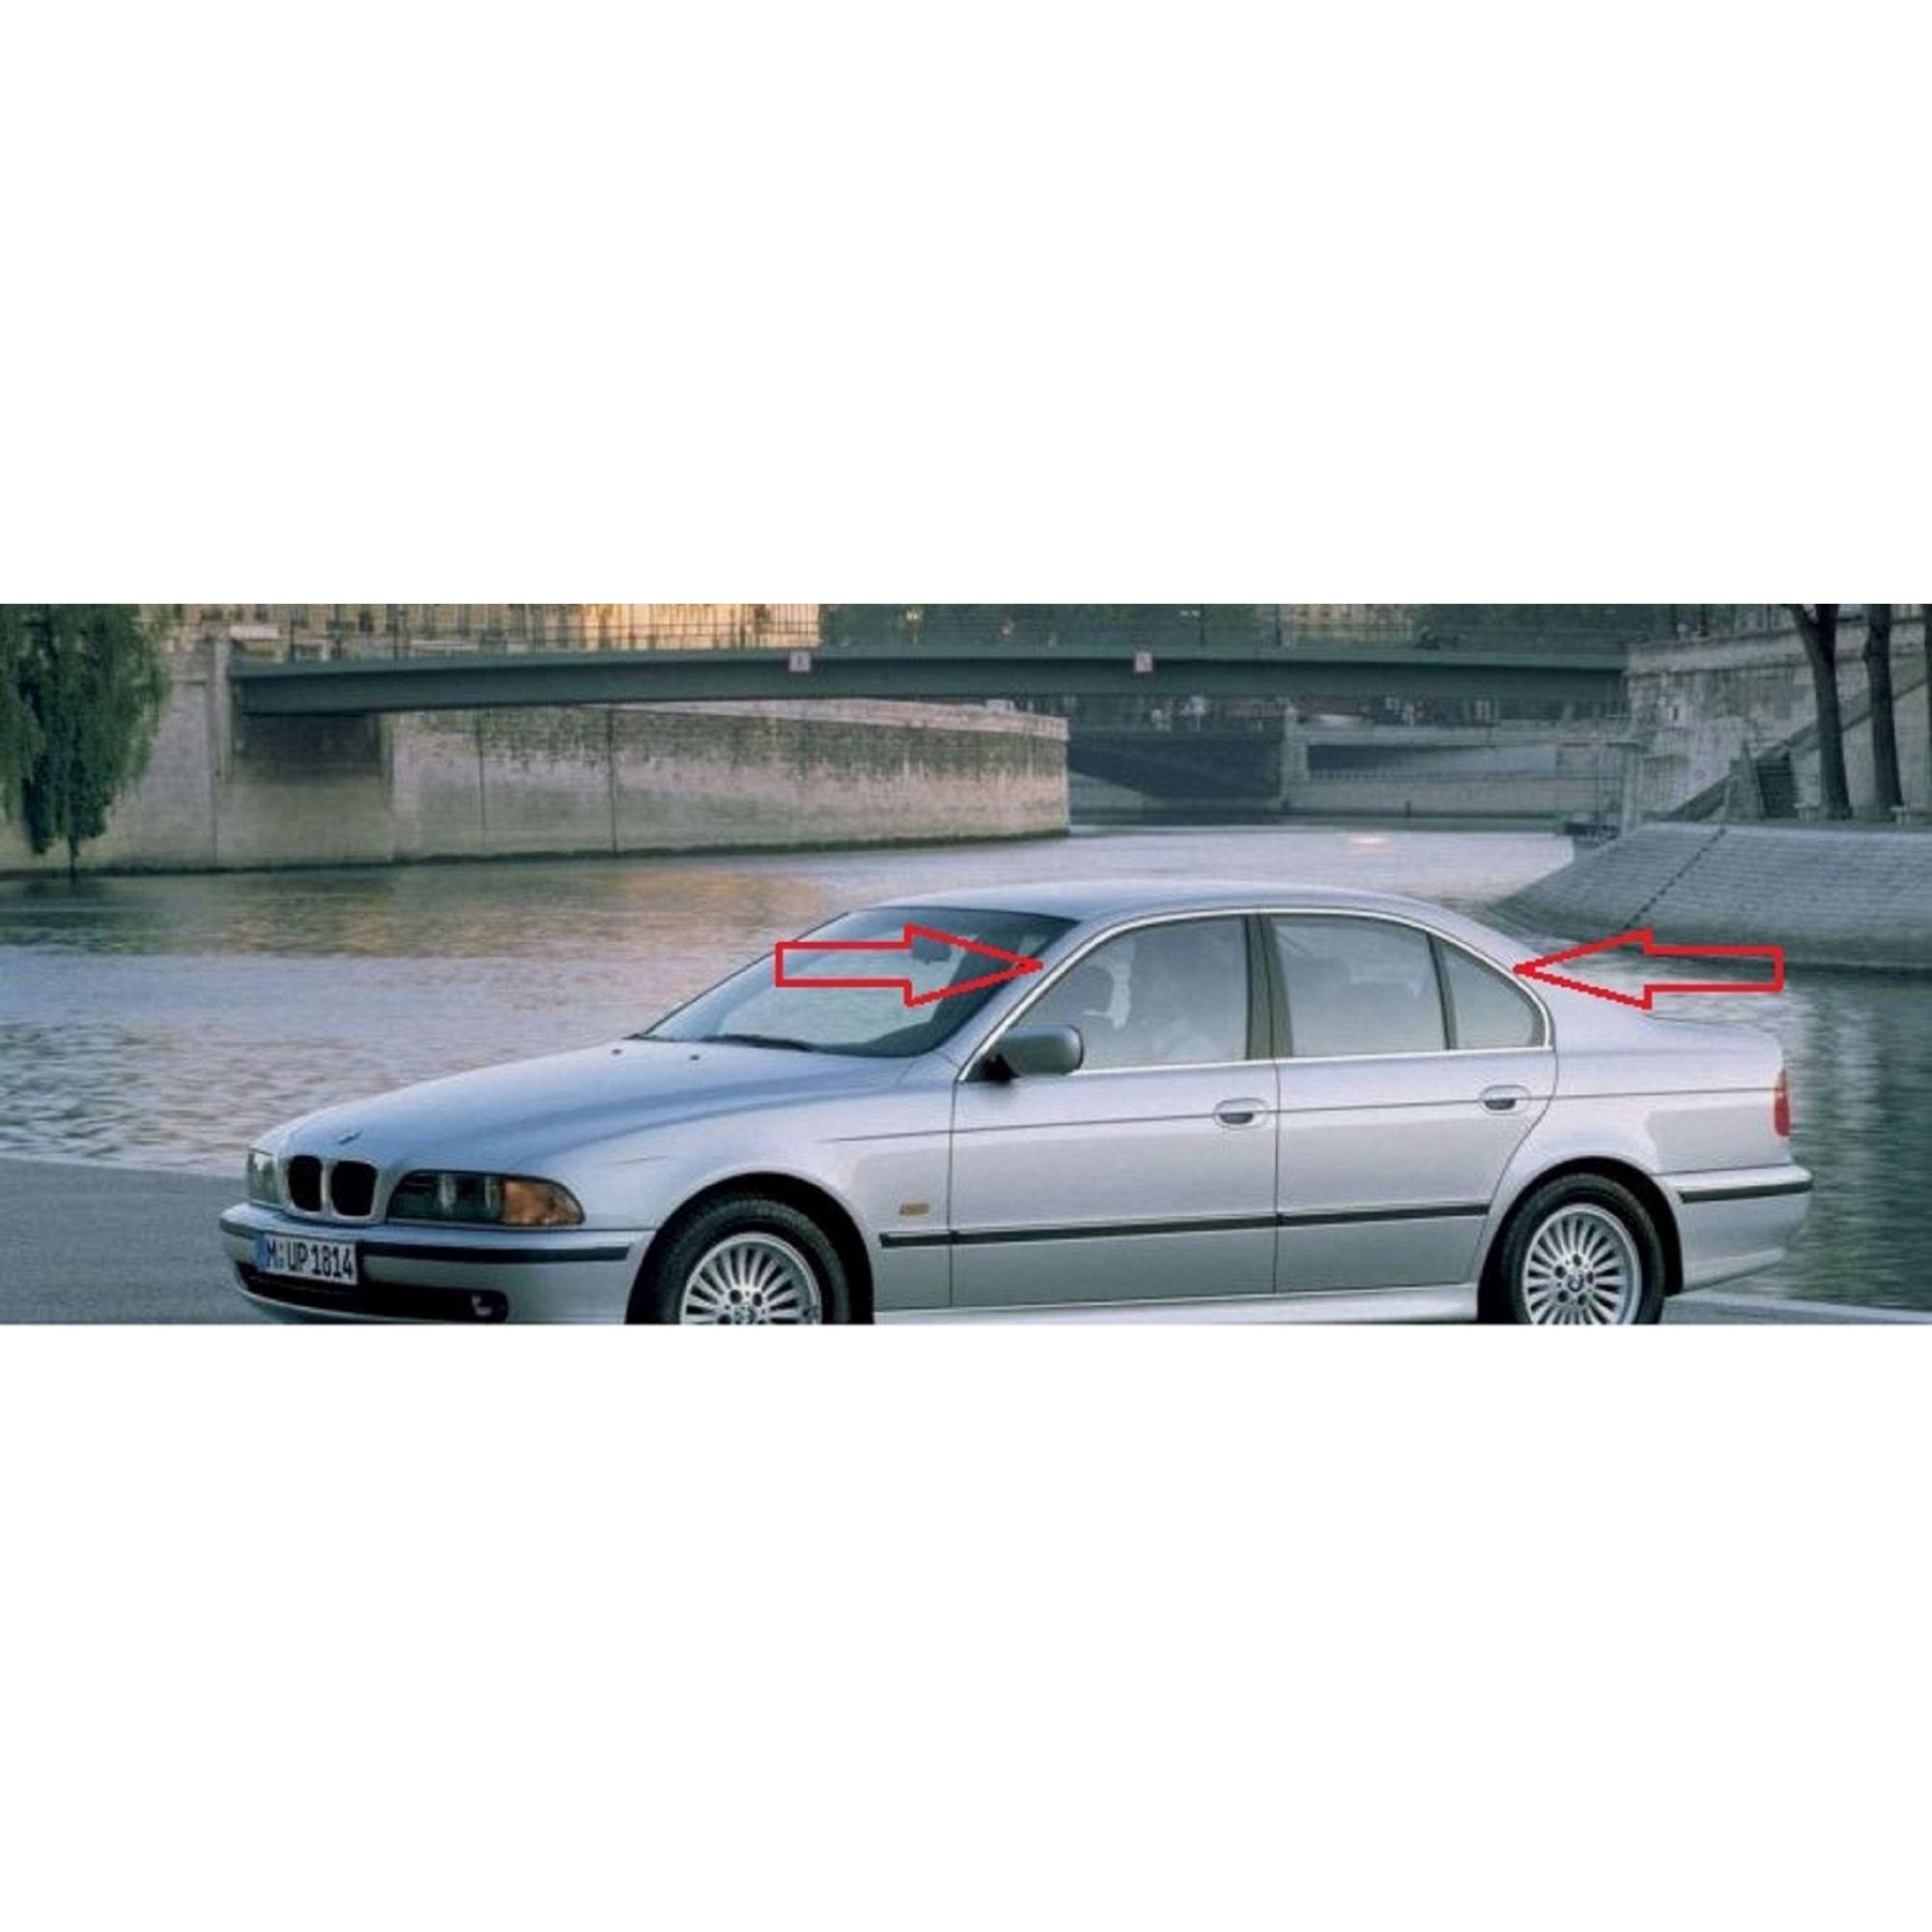 Friso Moldura da Porta Janela BMW E39 Serie 5 Dianteira Esquerda  - Só Frisos Ltda